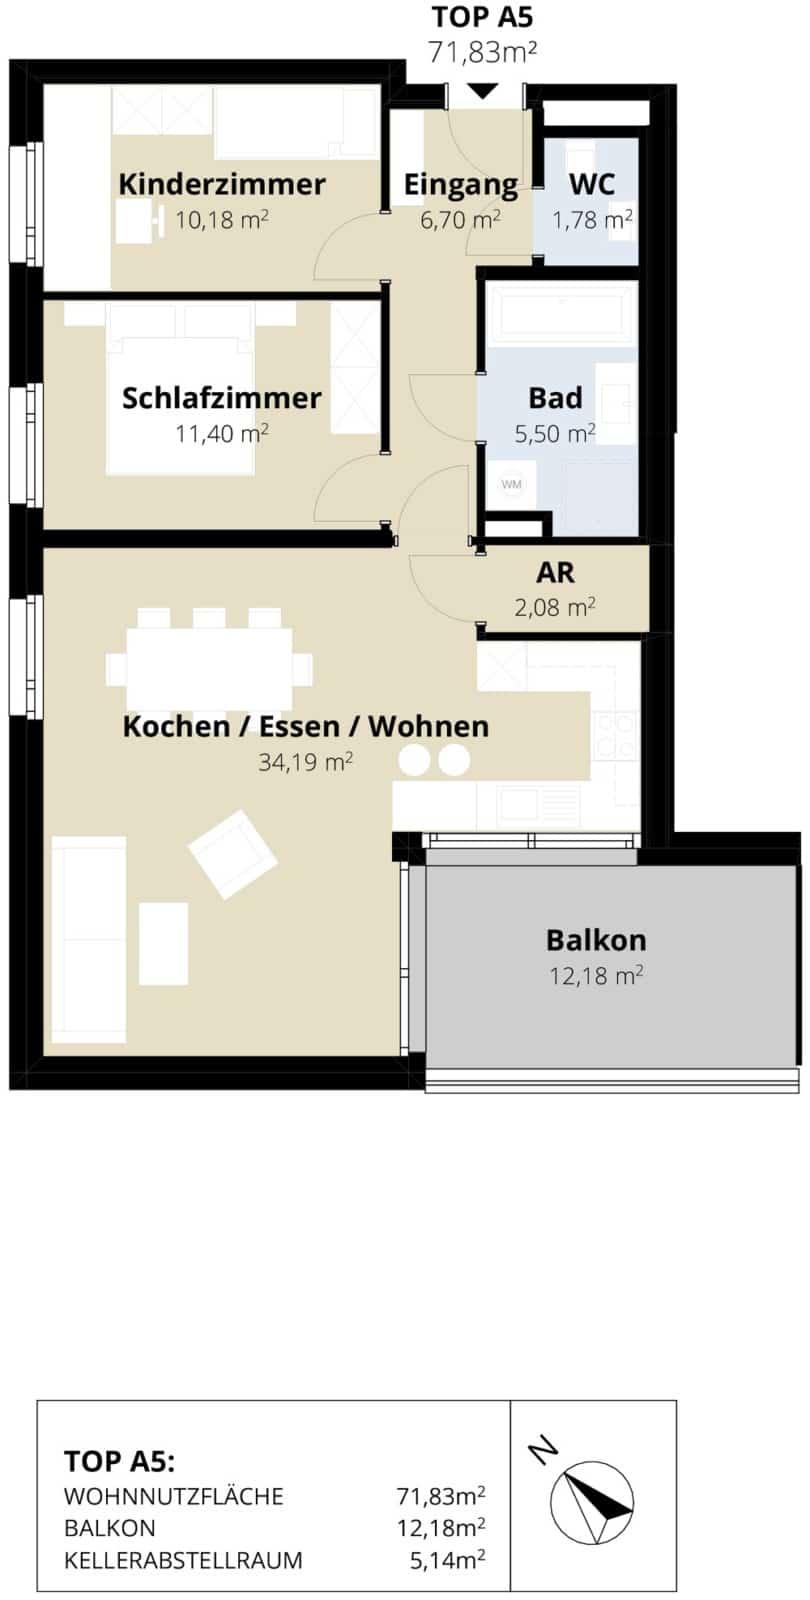 Immobilie von Wohnbau Bergland in Sonnblick am Gründbichl (13 Eigentumswohnungen) Saalfelden – Bauetappe 3 Top A5 – Haus 6830 #1